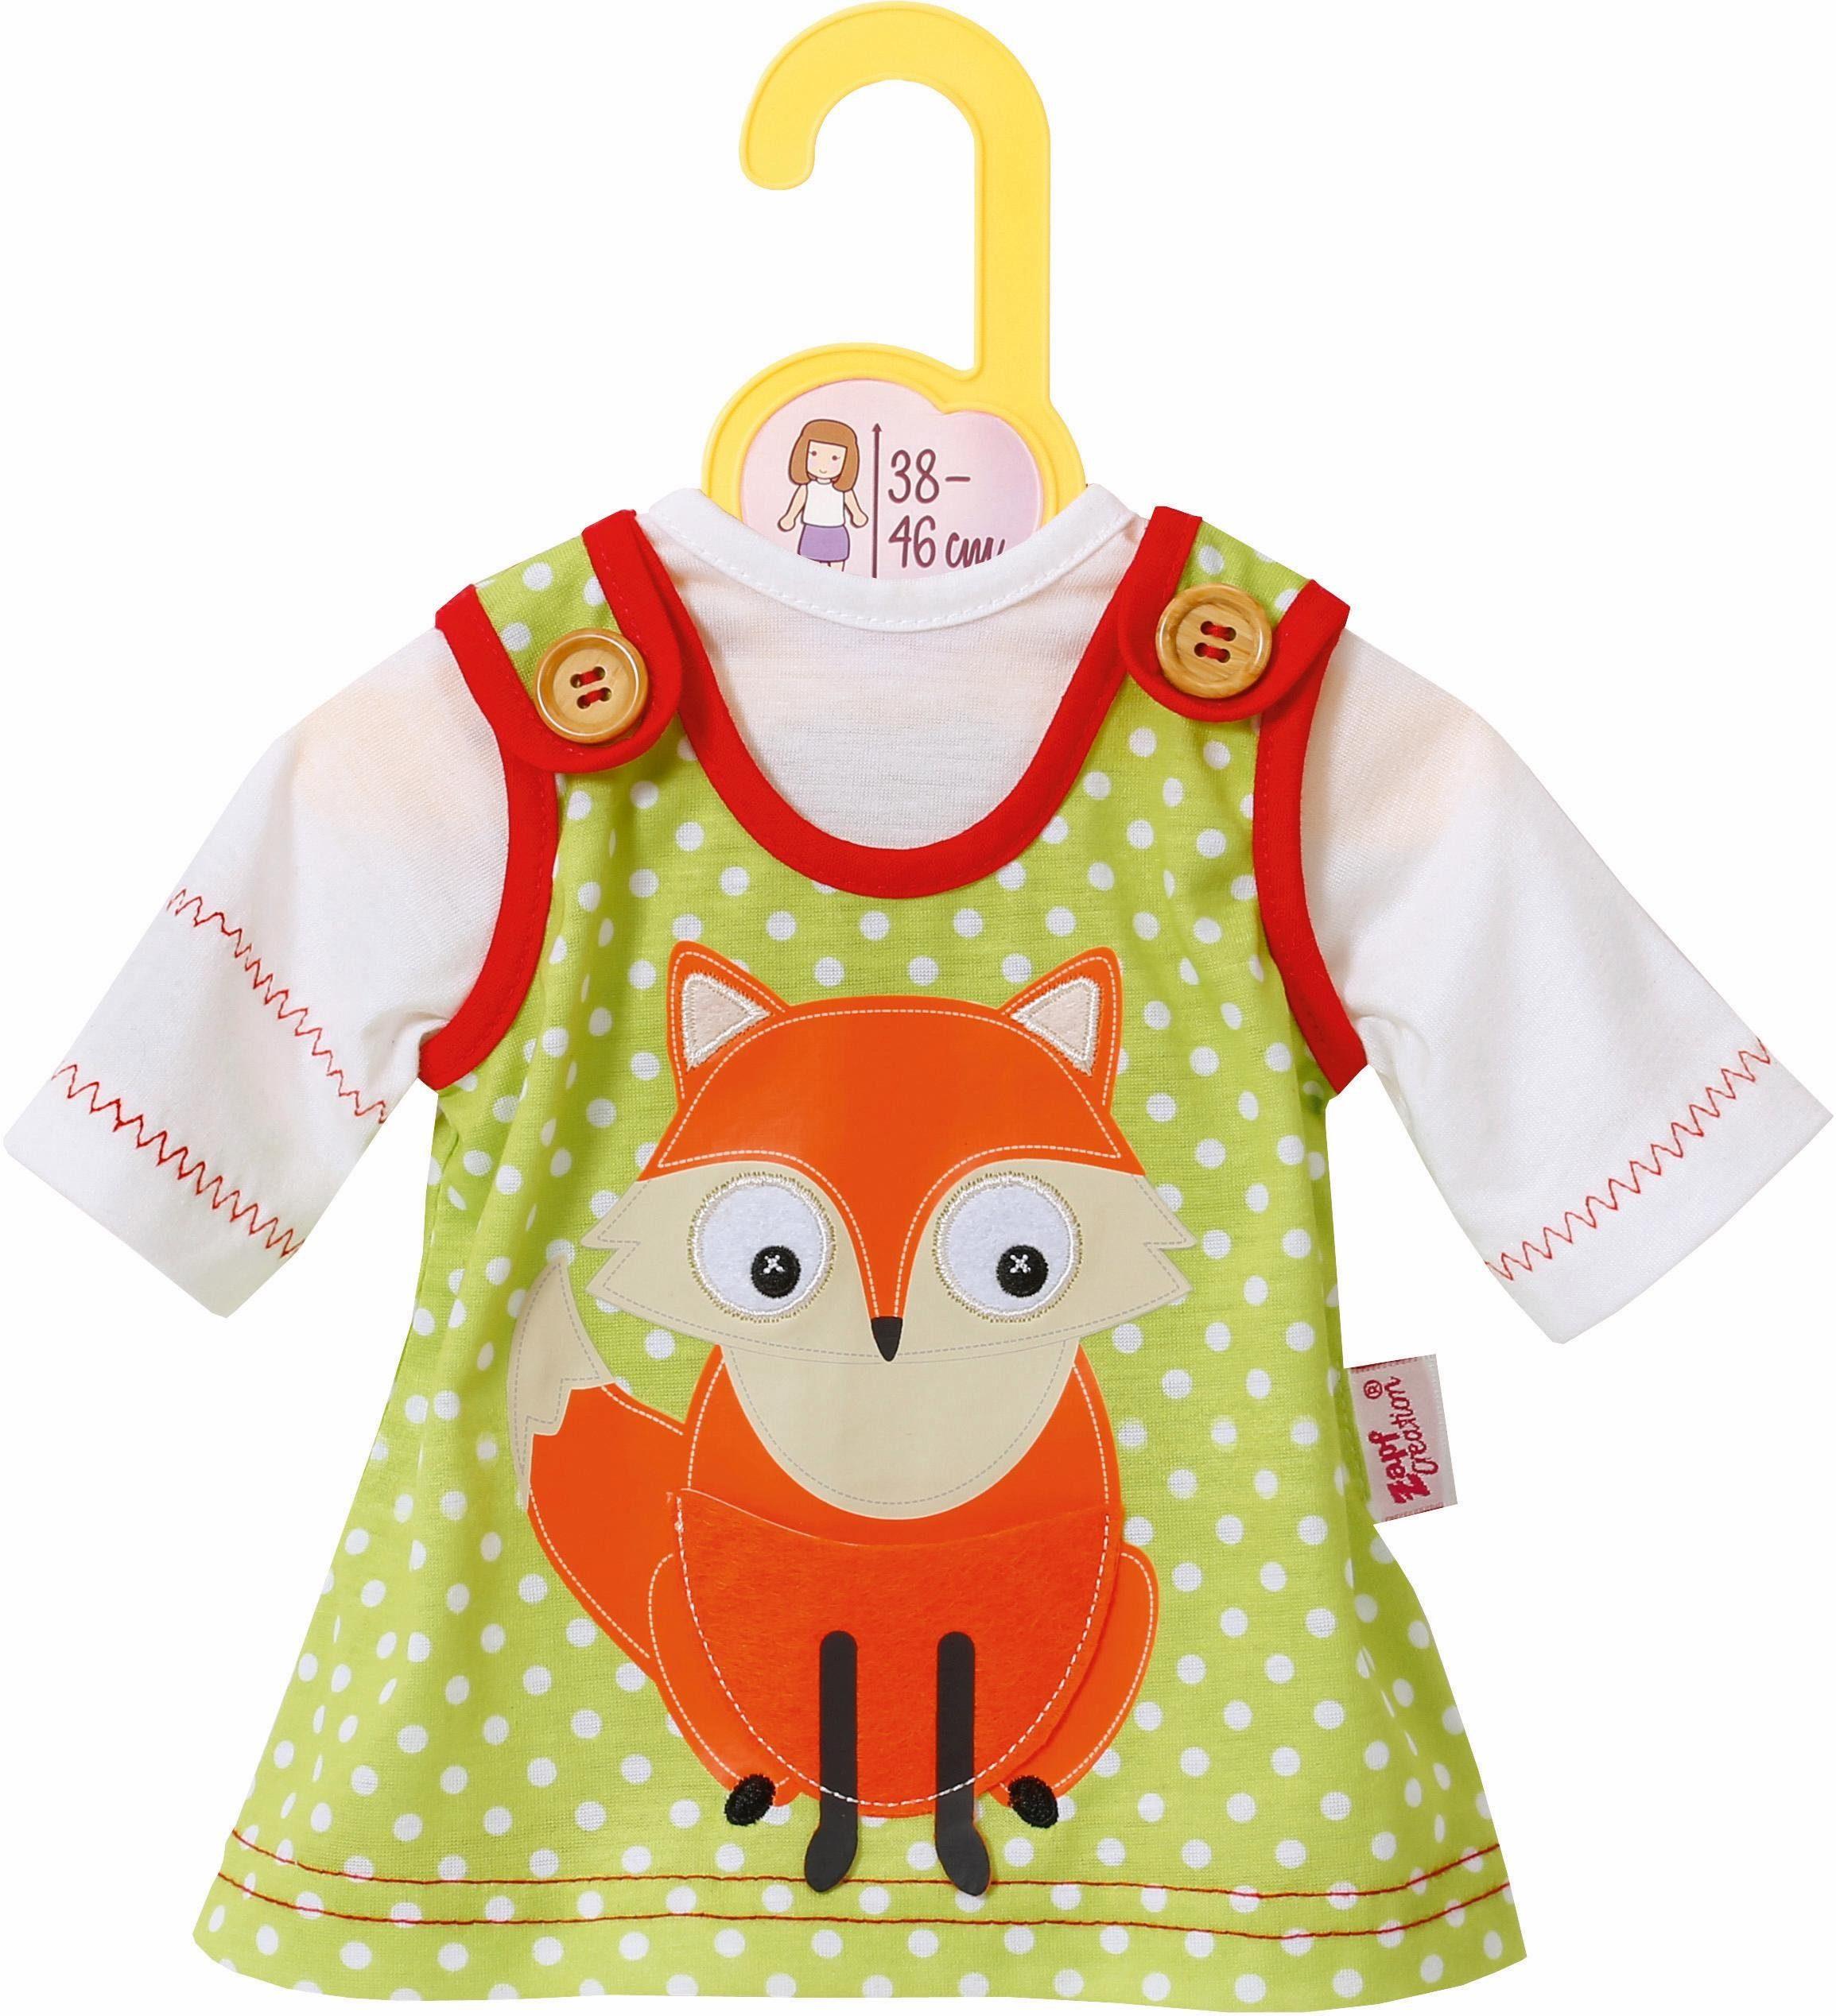 Zapf Creation Puppenbekleidung Größe 38-46 cm, »Dolly Moda Kleid mit Fuchs«